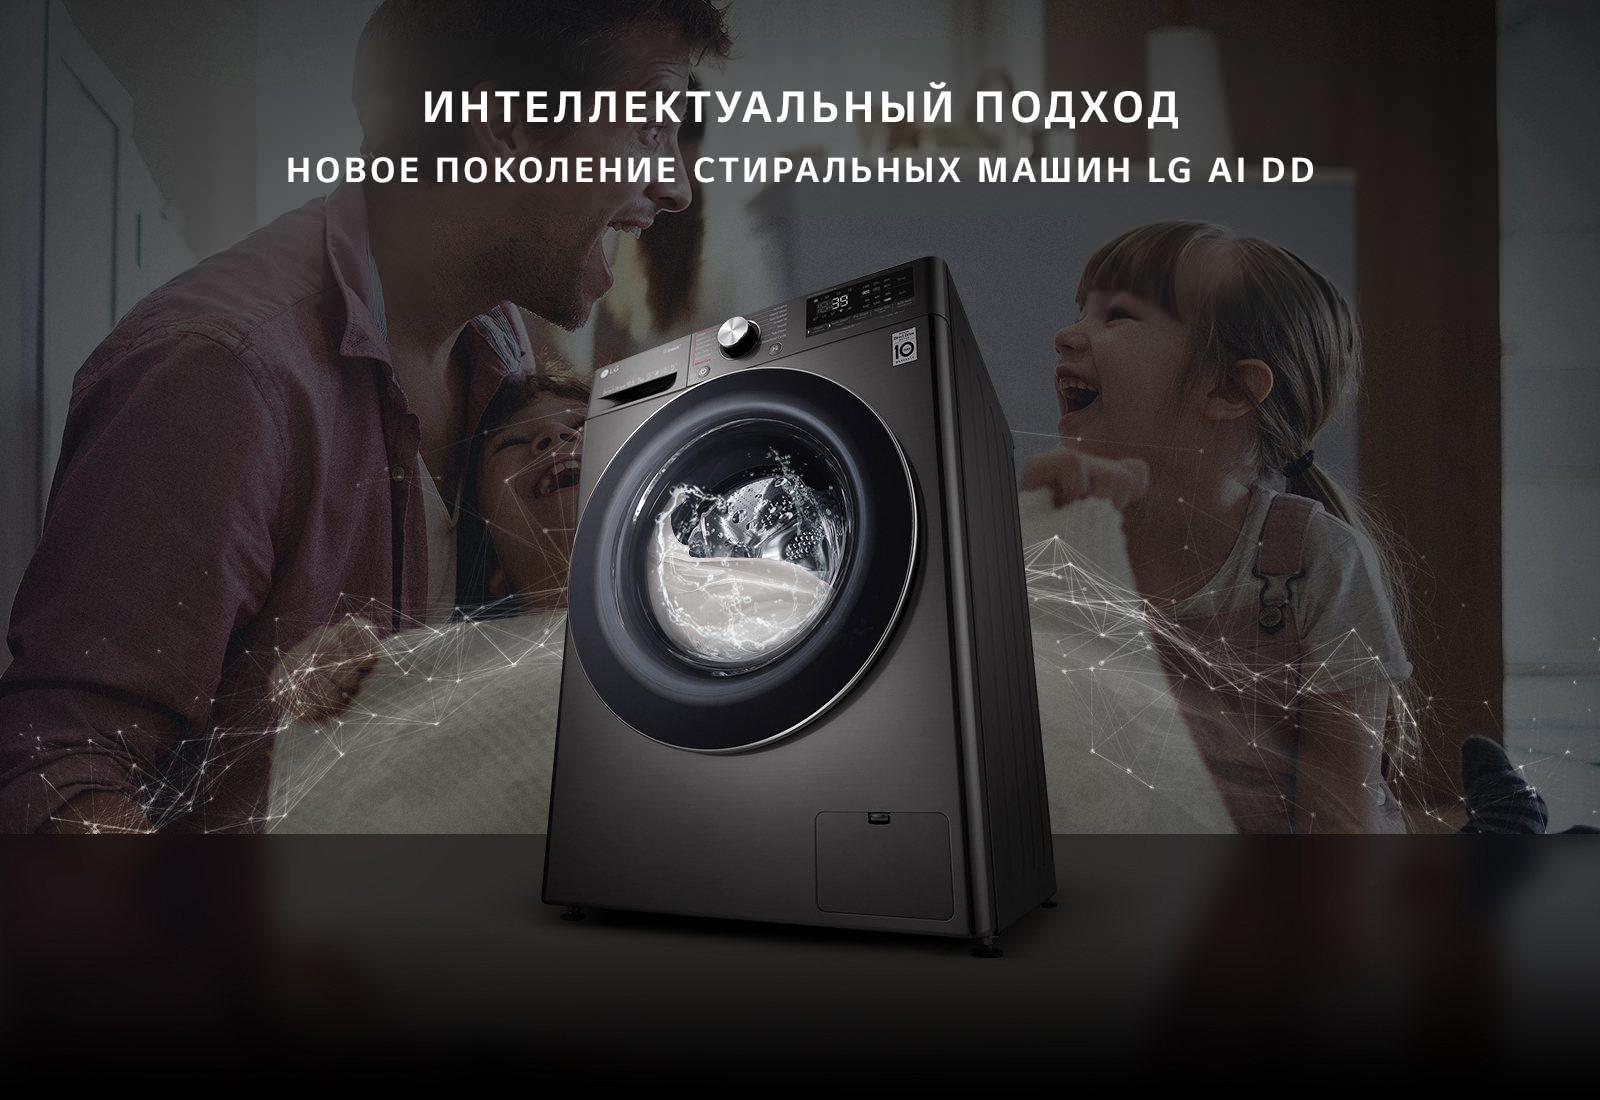 WD-Vivace-V900-VC2-BlackSteel-01-1-Vivace-Intro-Desktop